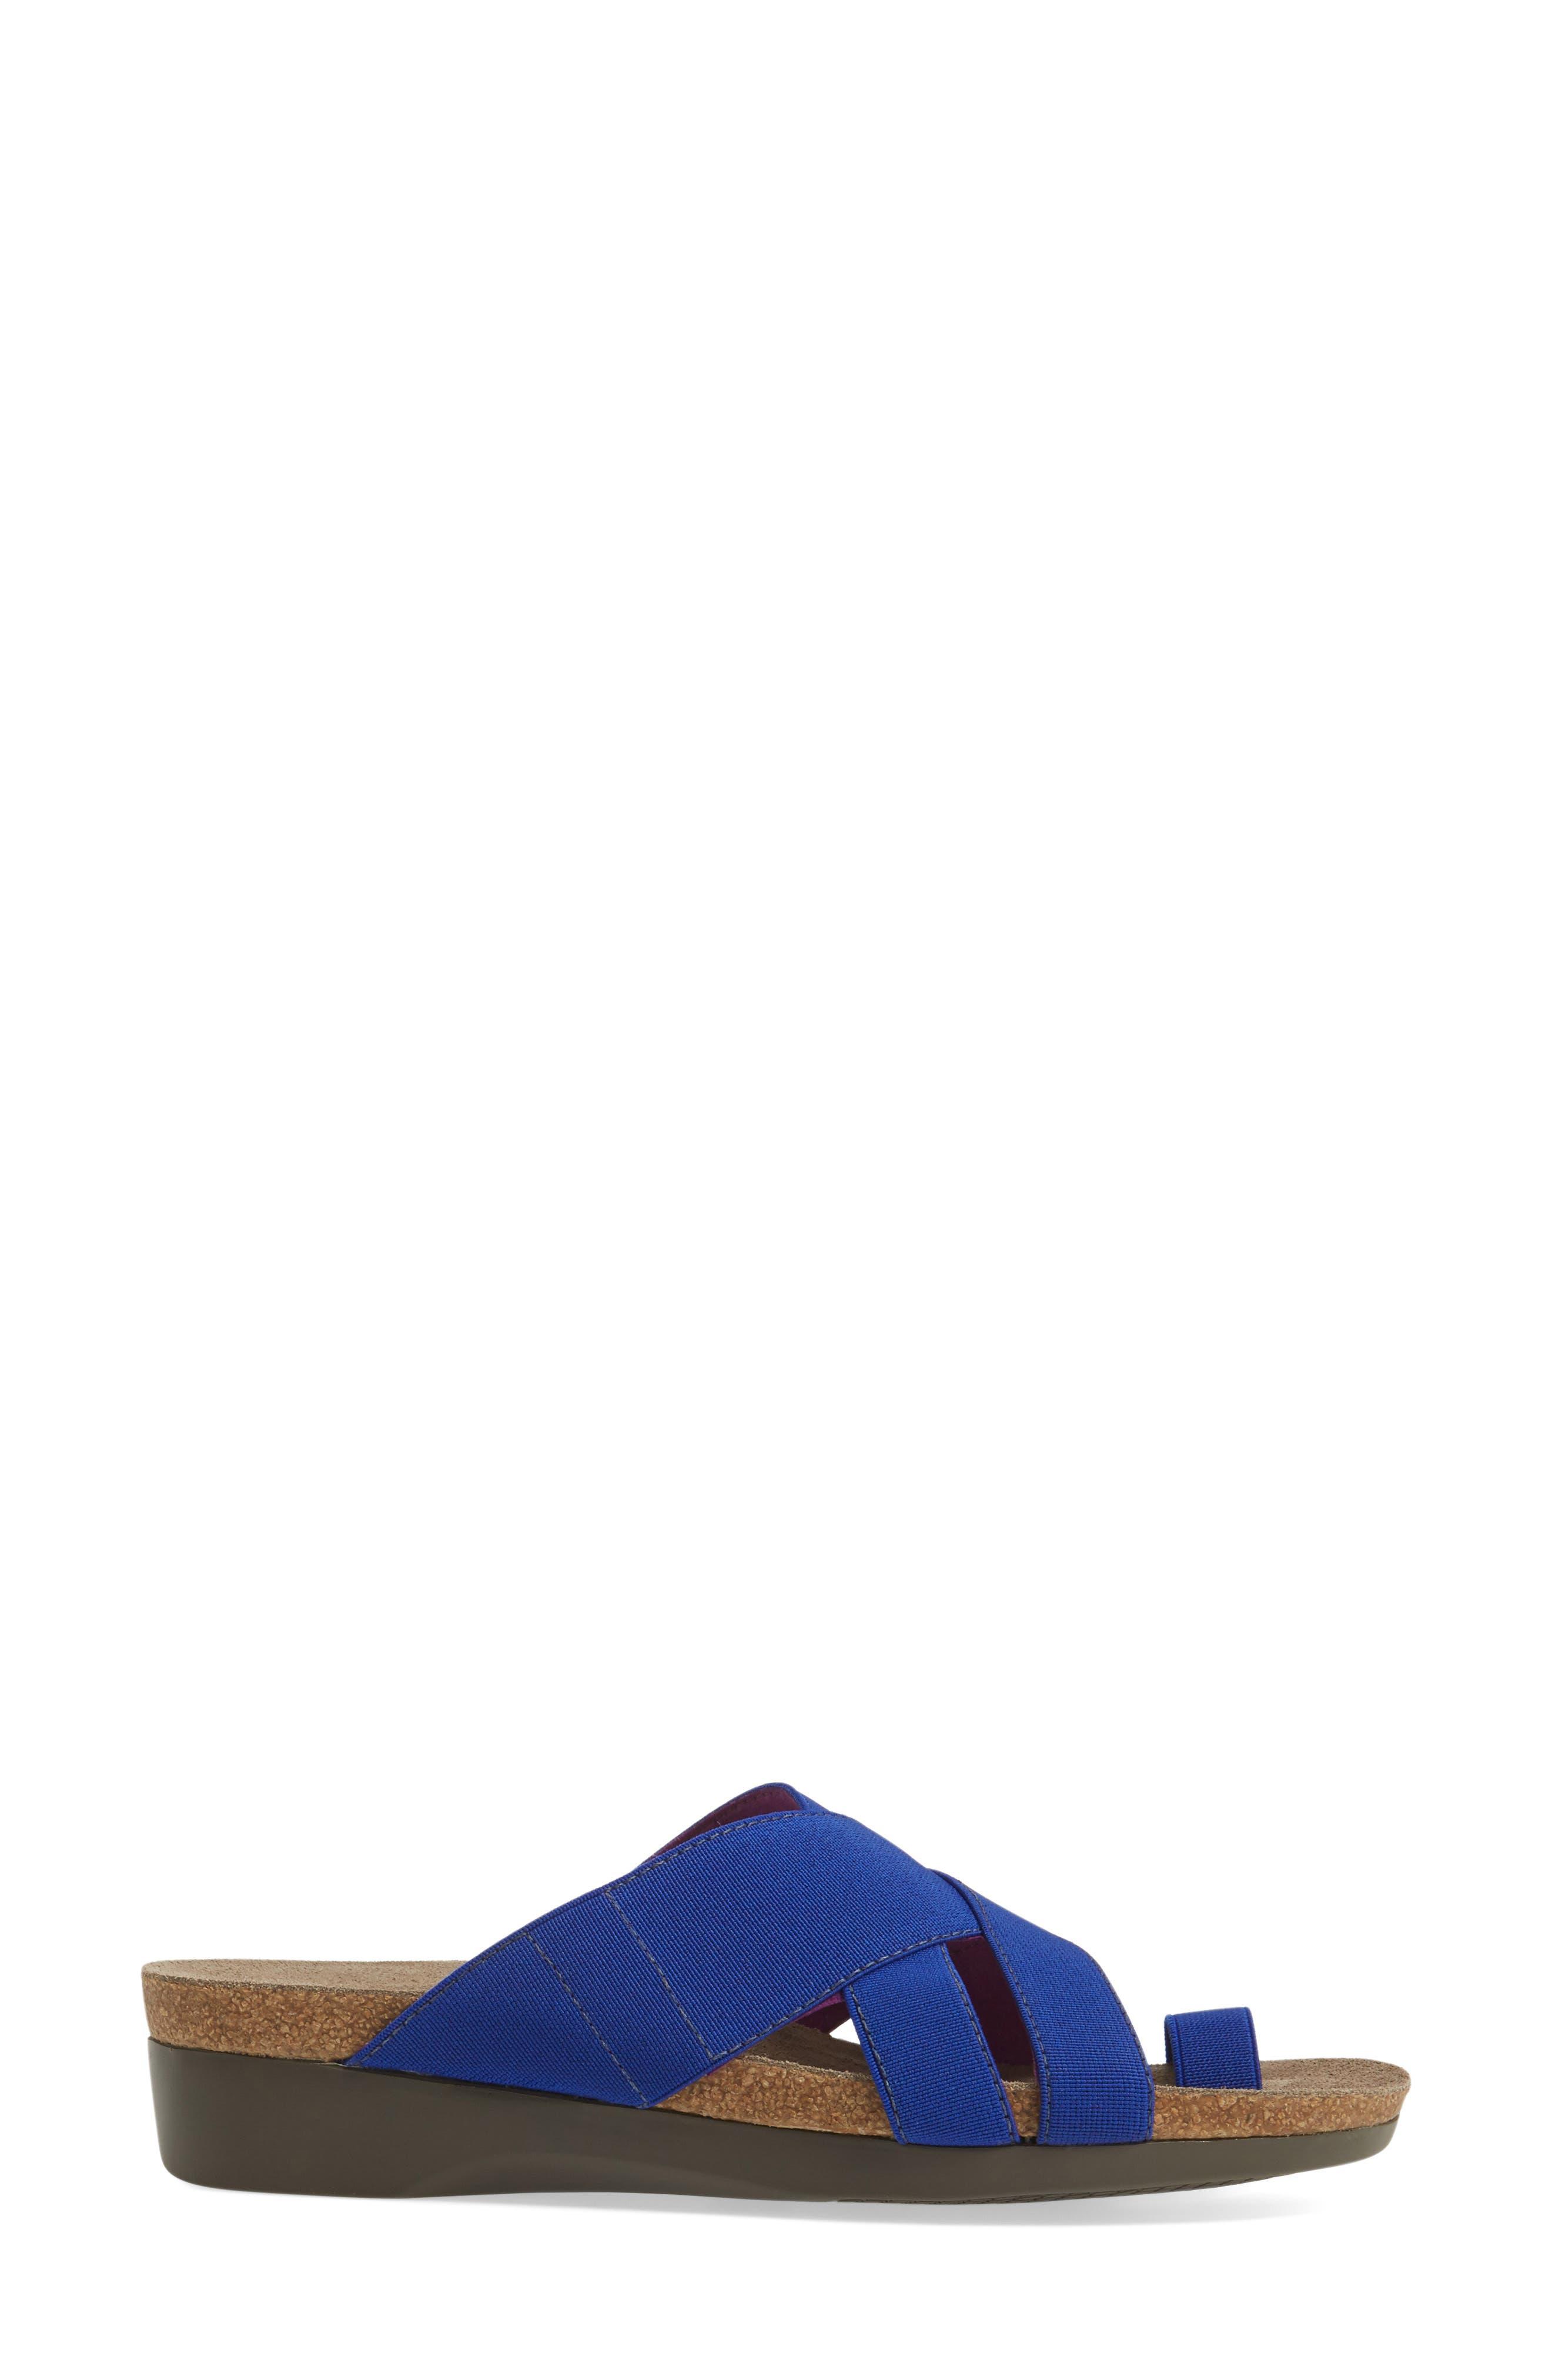 Delphi Slide Sandal,                             Alternate thumbnail 11, color,